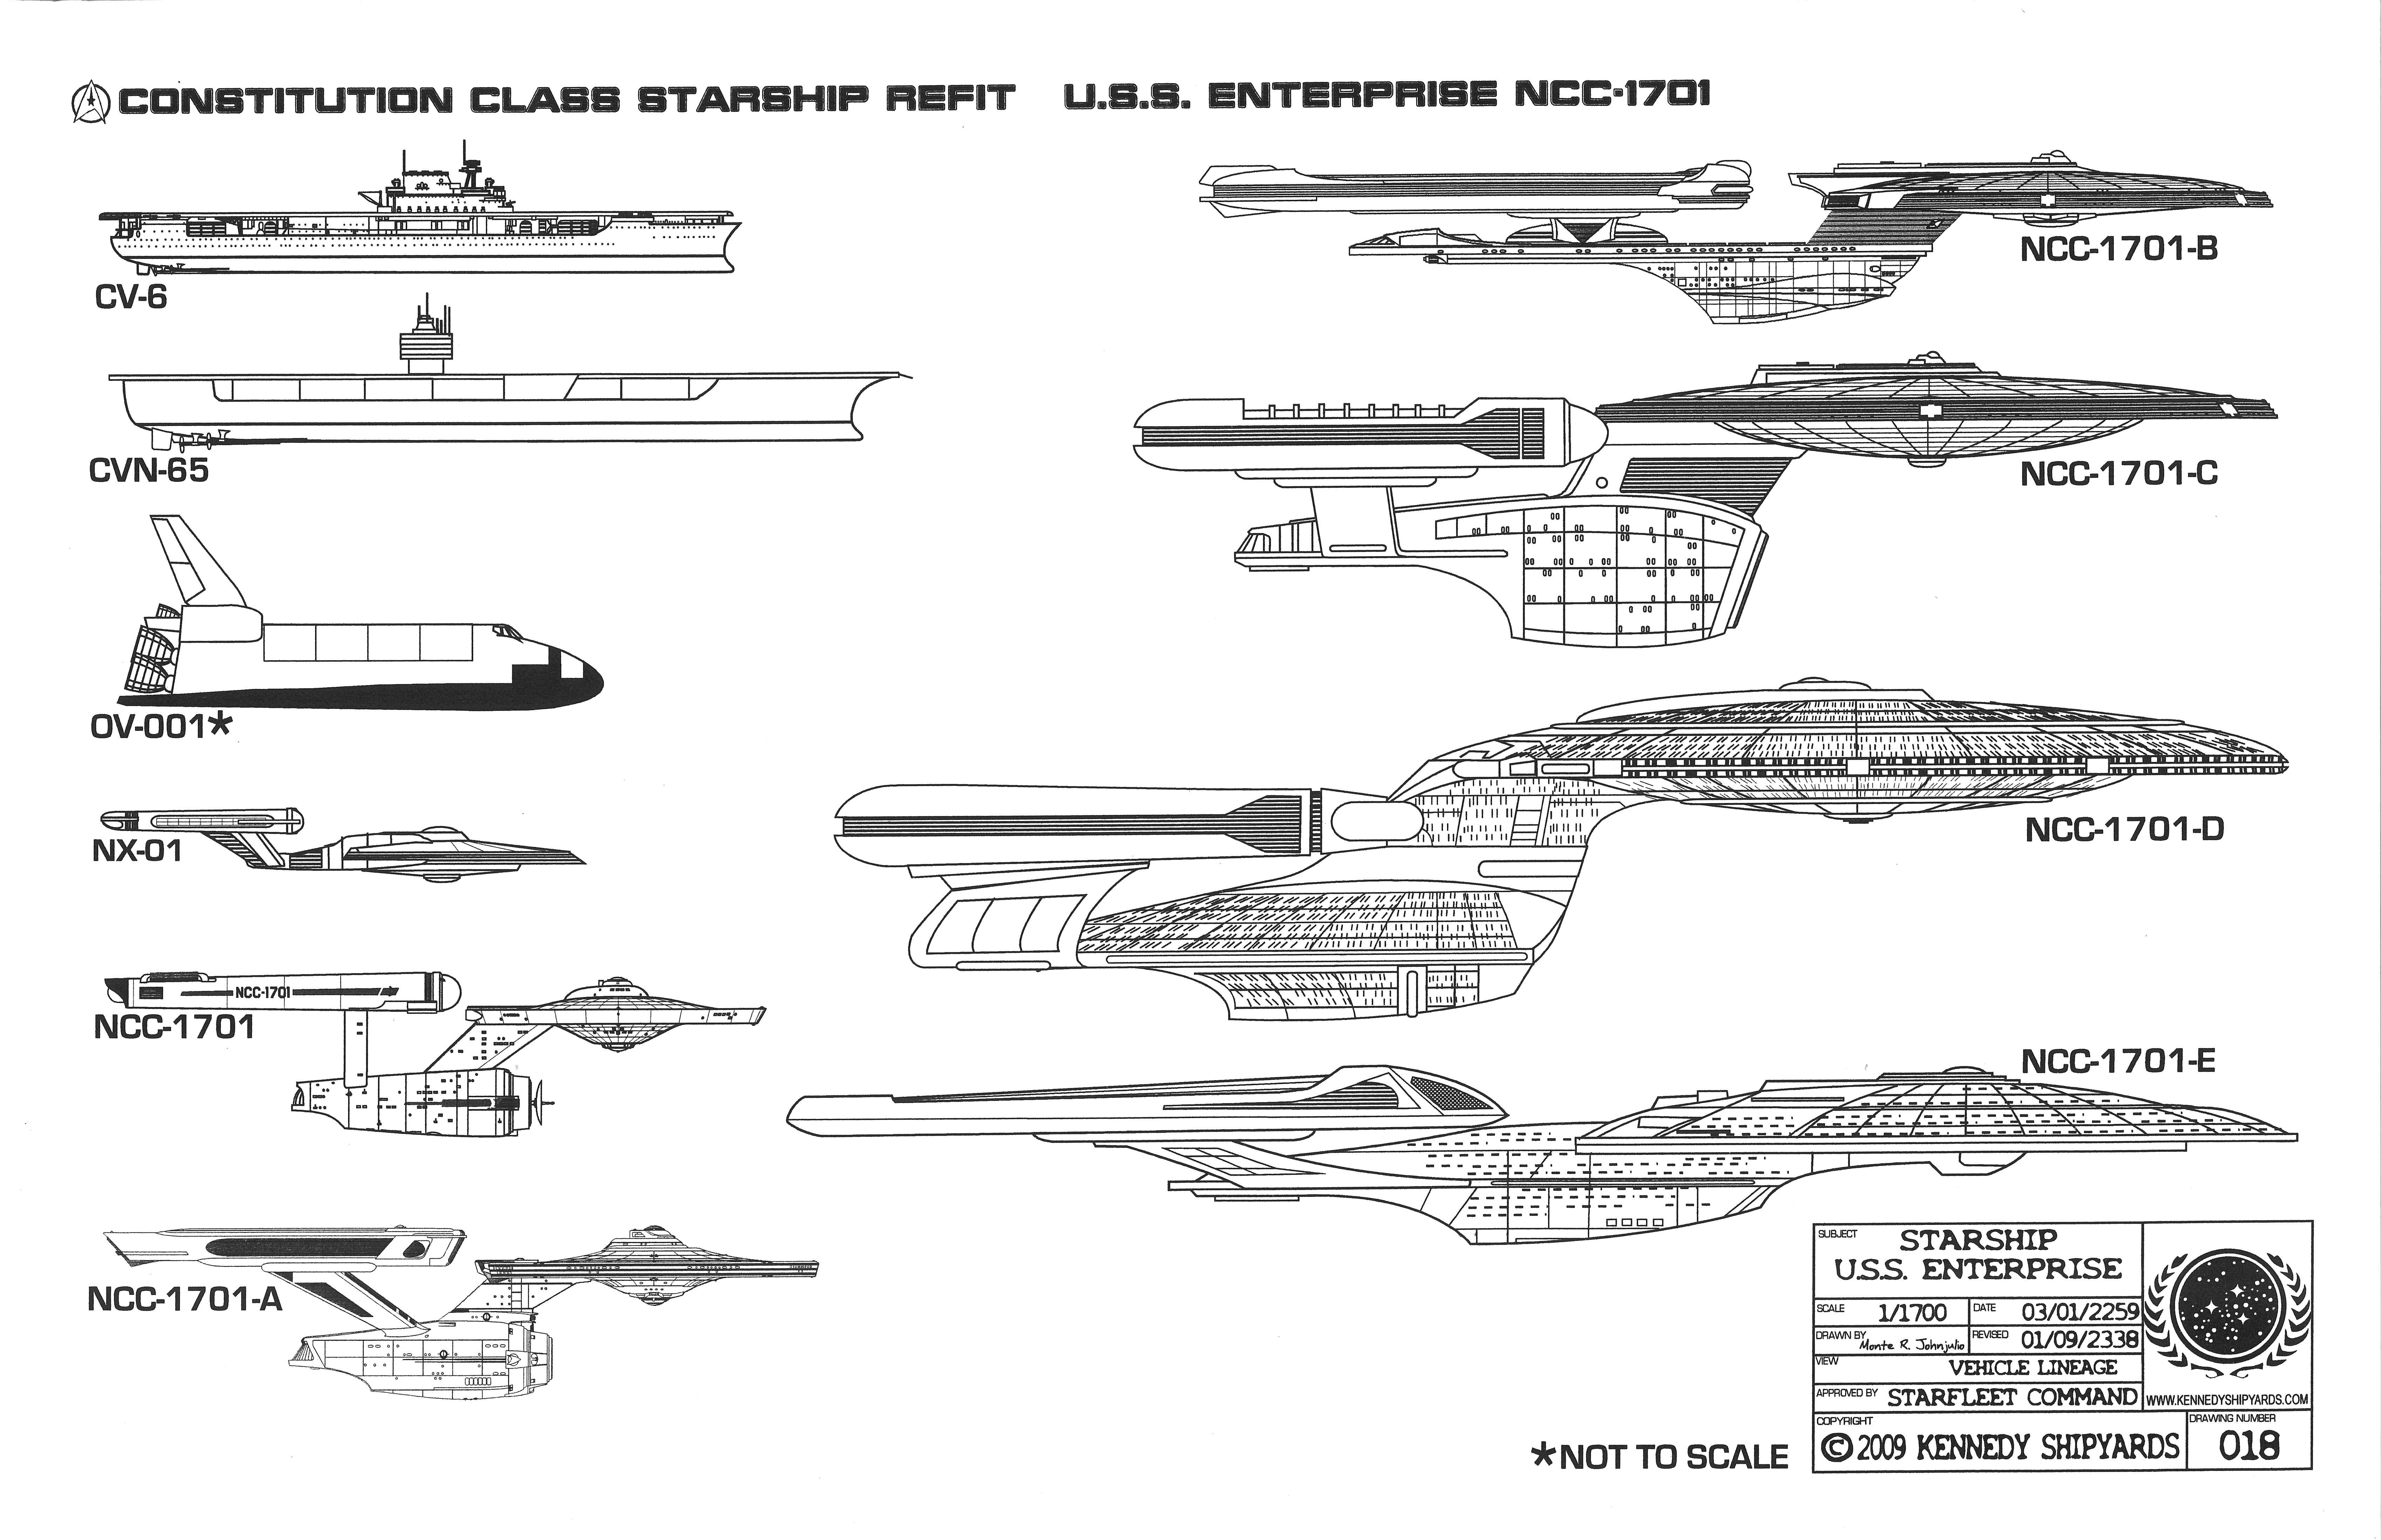 Enterprise NCC-1701 - Constitution Class Starship Refit Blueprints